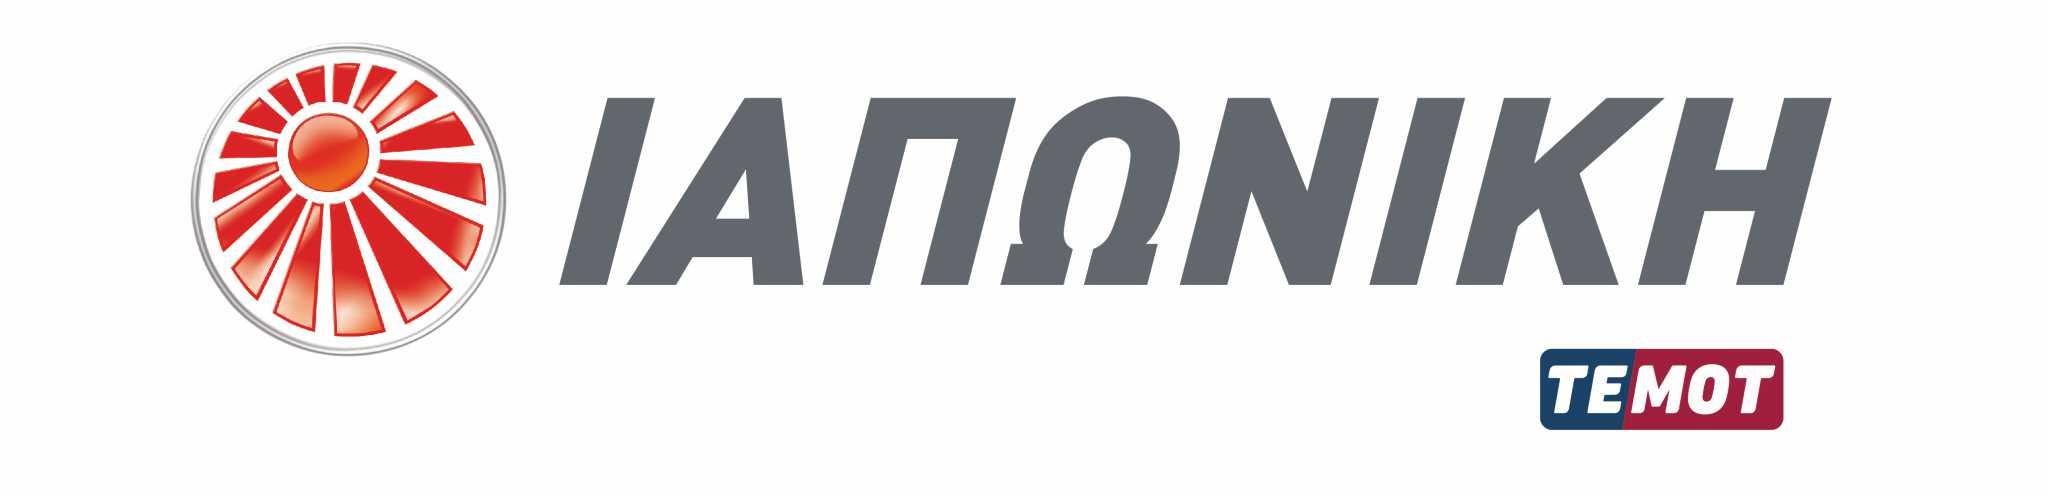 Iaponiki-logo-tel